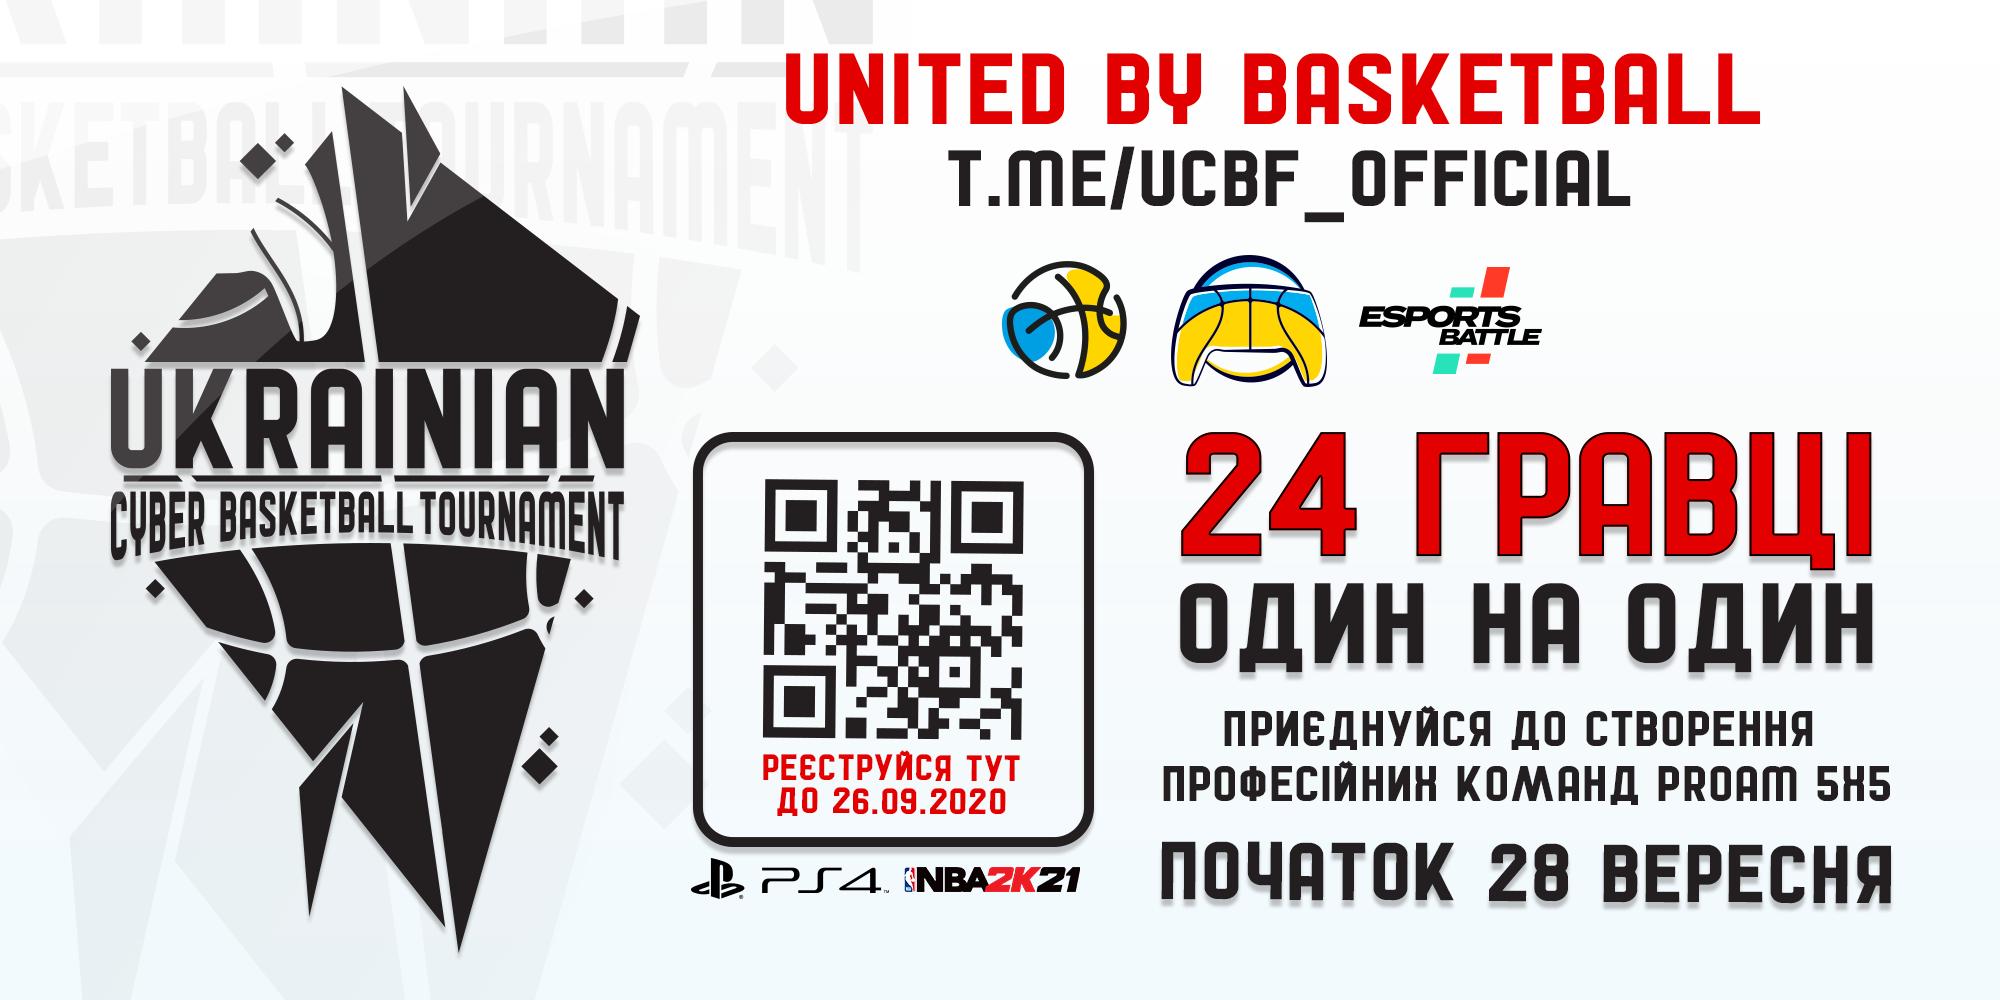 Наприкінці вересня стартує чемпіонат України з Кібербаскетболу